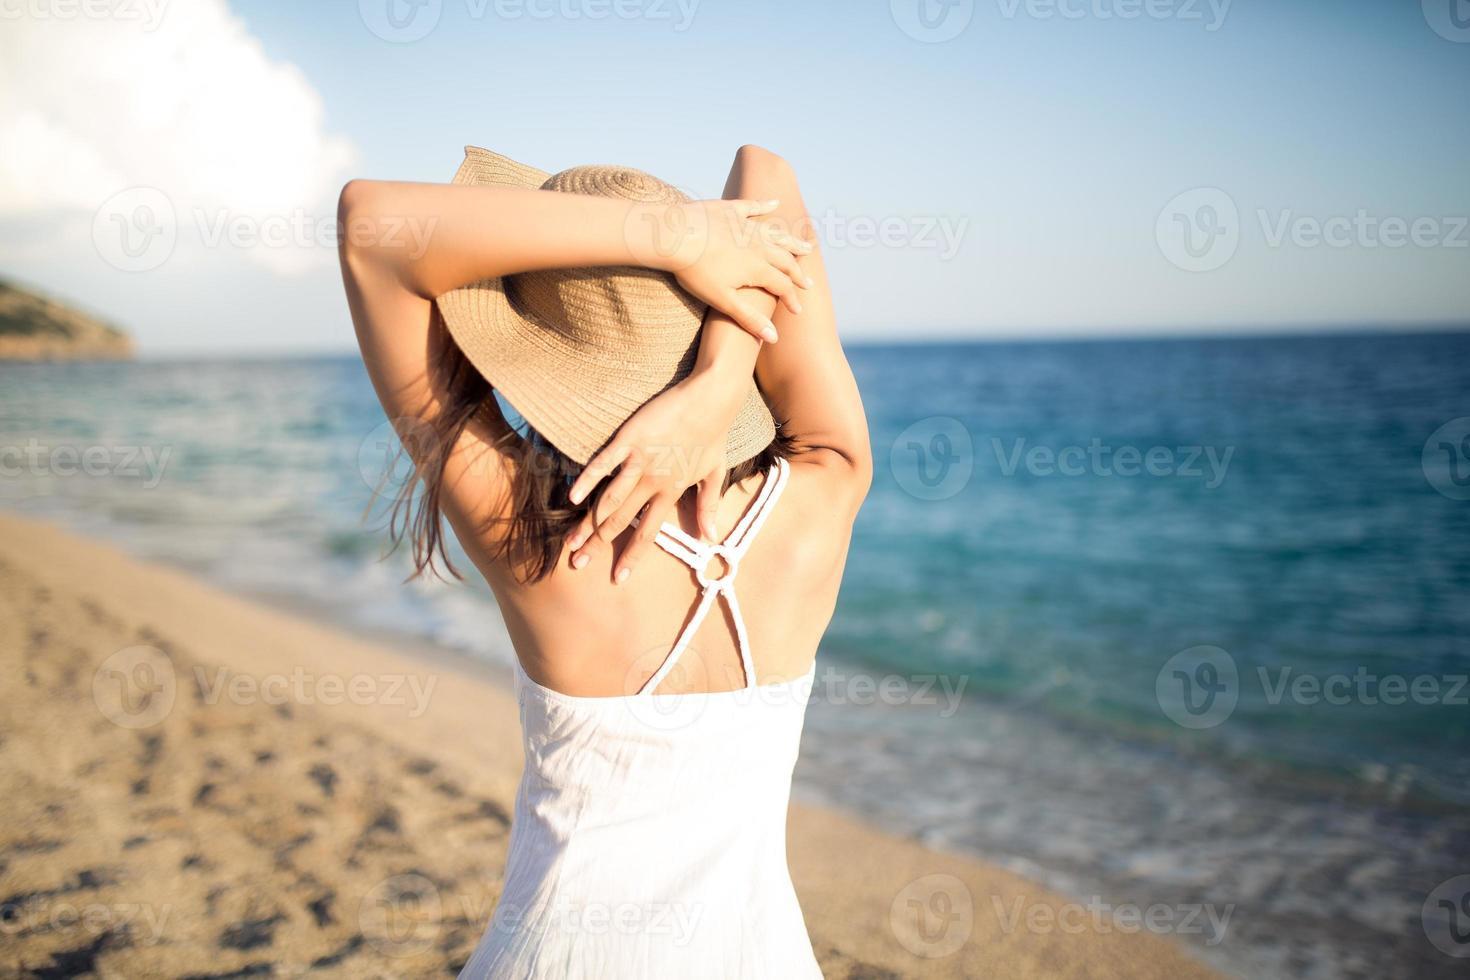 mujer de moda de verano disfrutando el verano y el sol, caminando por la playa foto